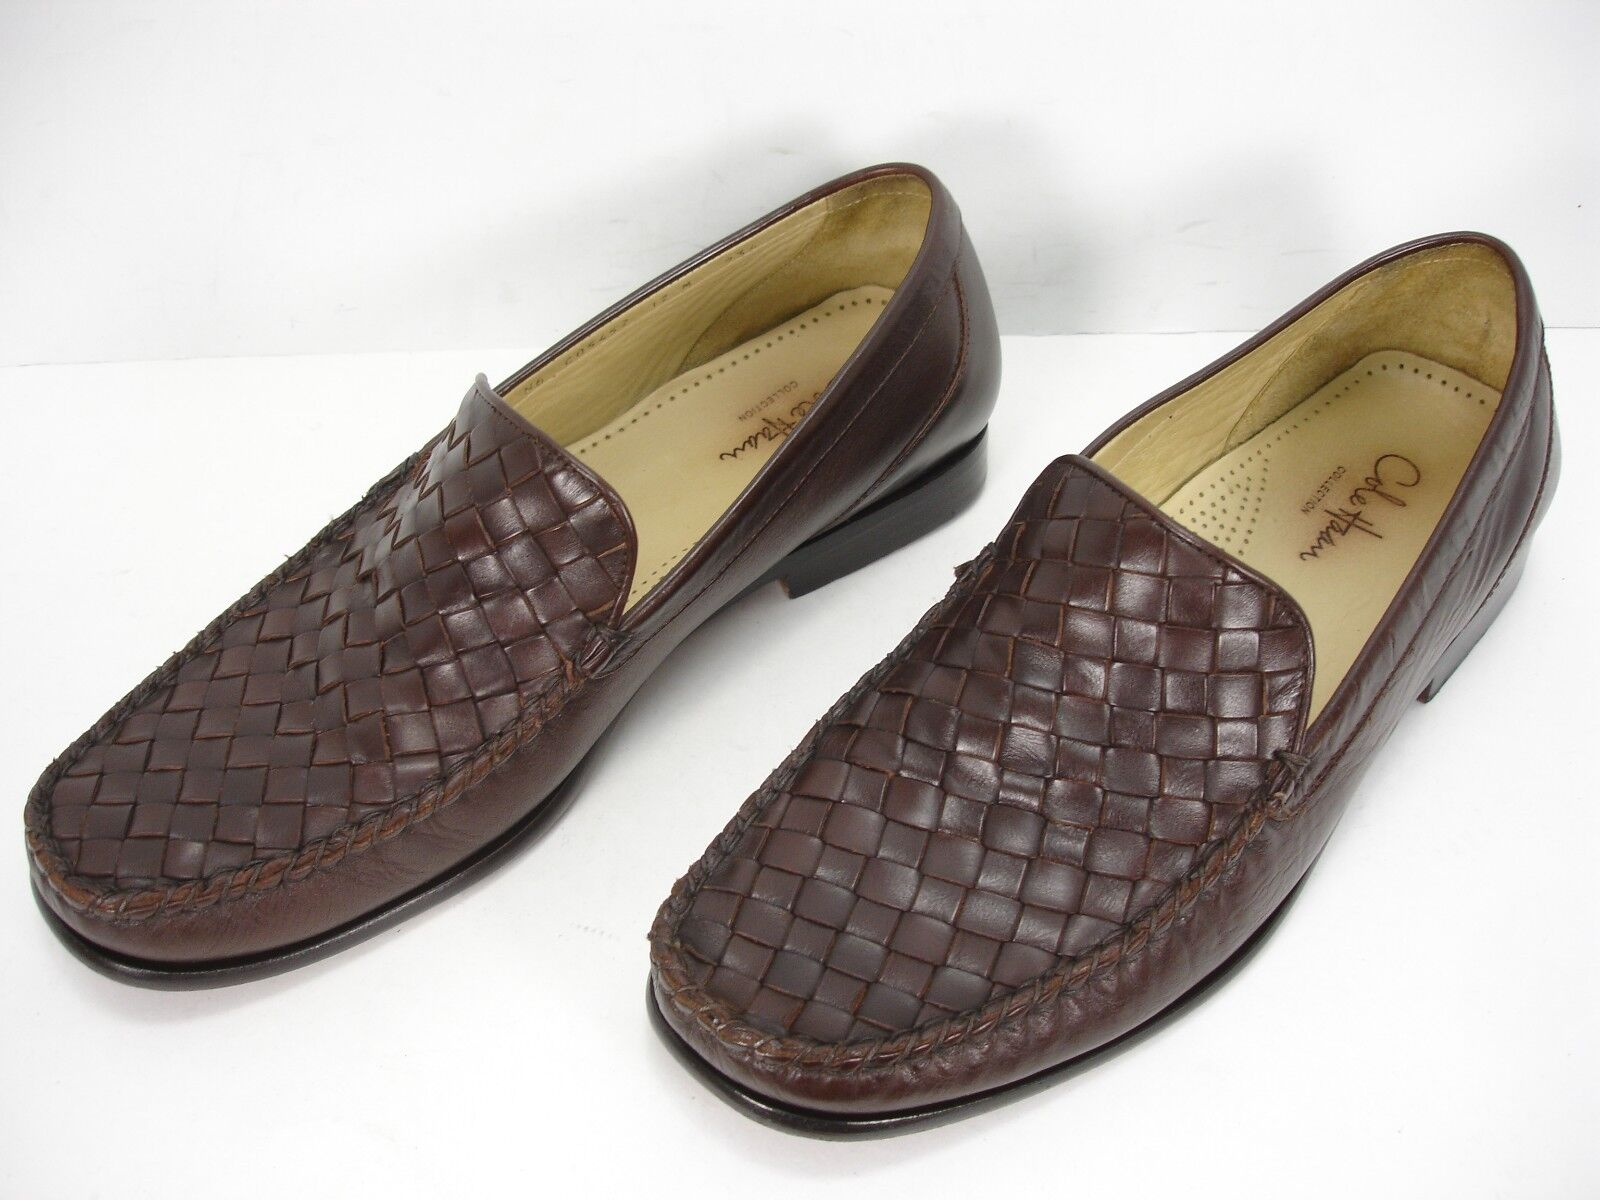 il più alla moda COLE COLE COLE HAAN COLLECTION Marrone WEAVED LEATHER SLIP ON LOAFERS DRESS scarpe uomo 12 M  prezzi eccellenti